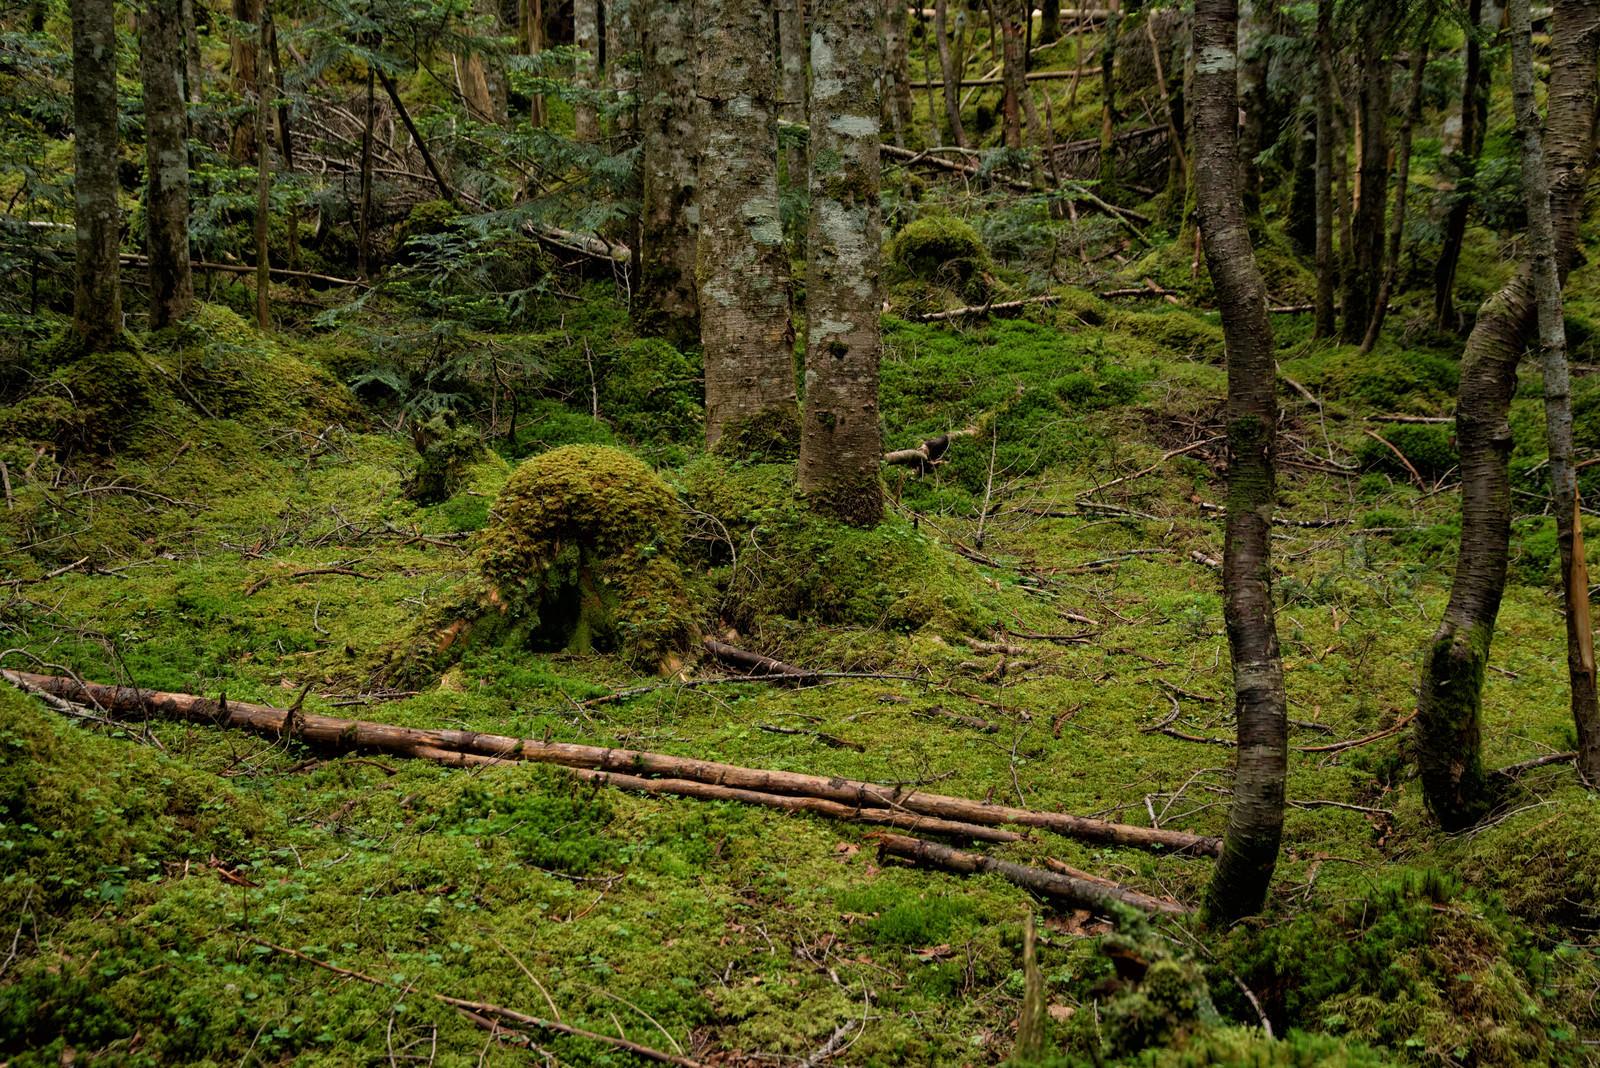 「苔生した大地と木々」の写真